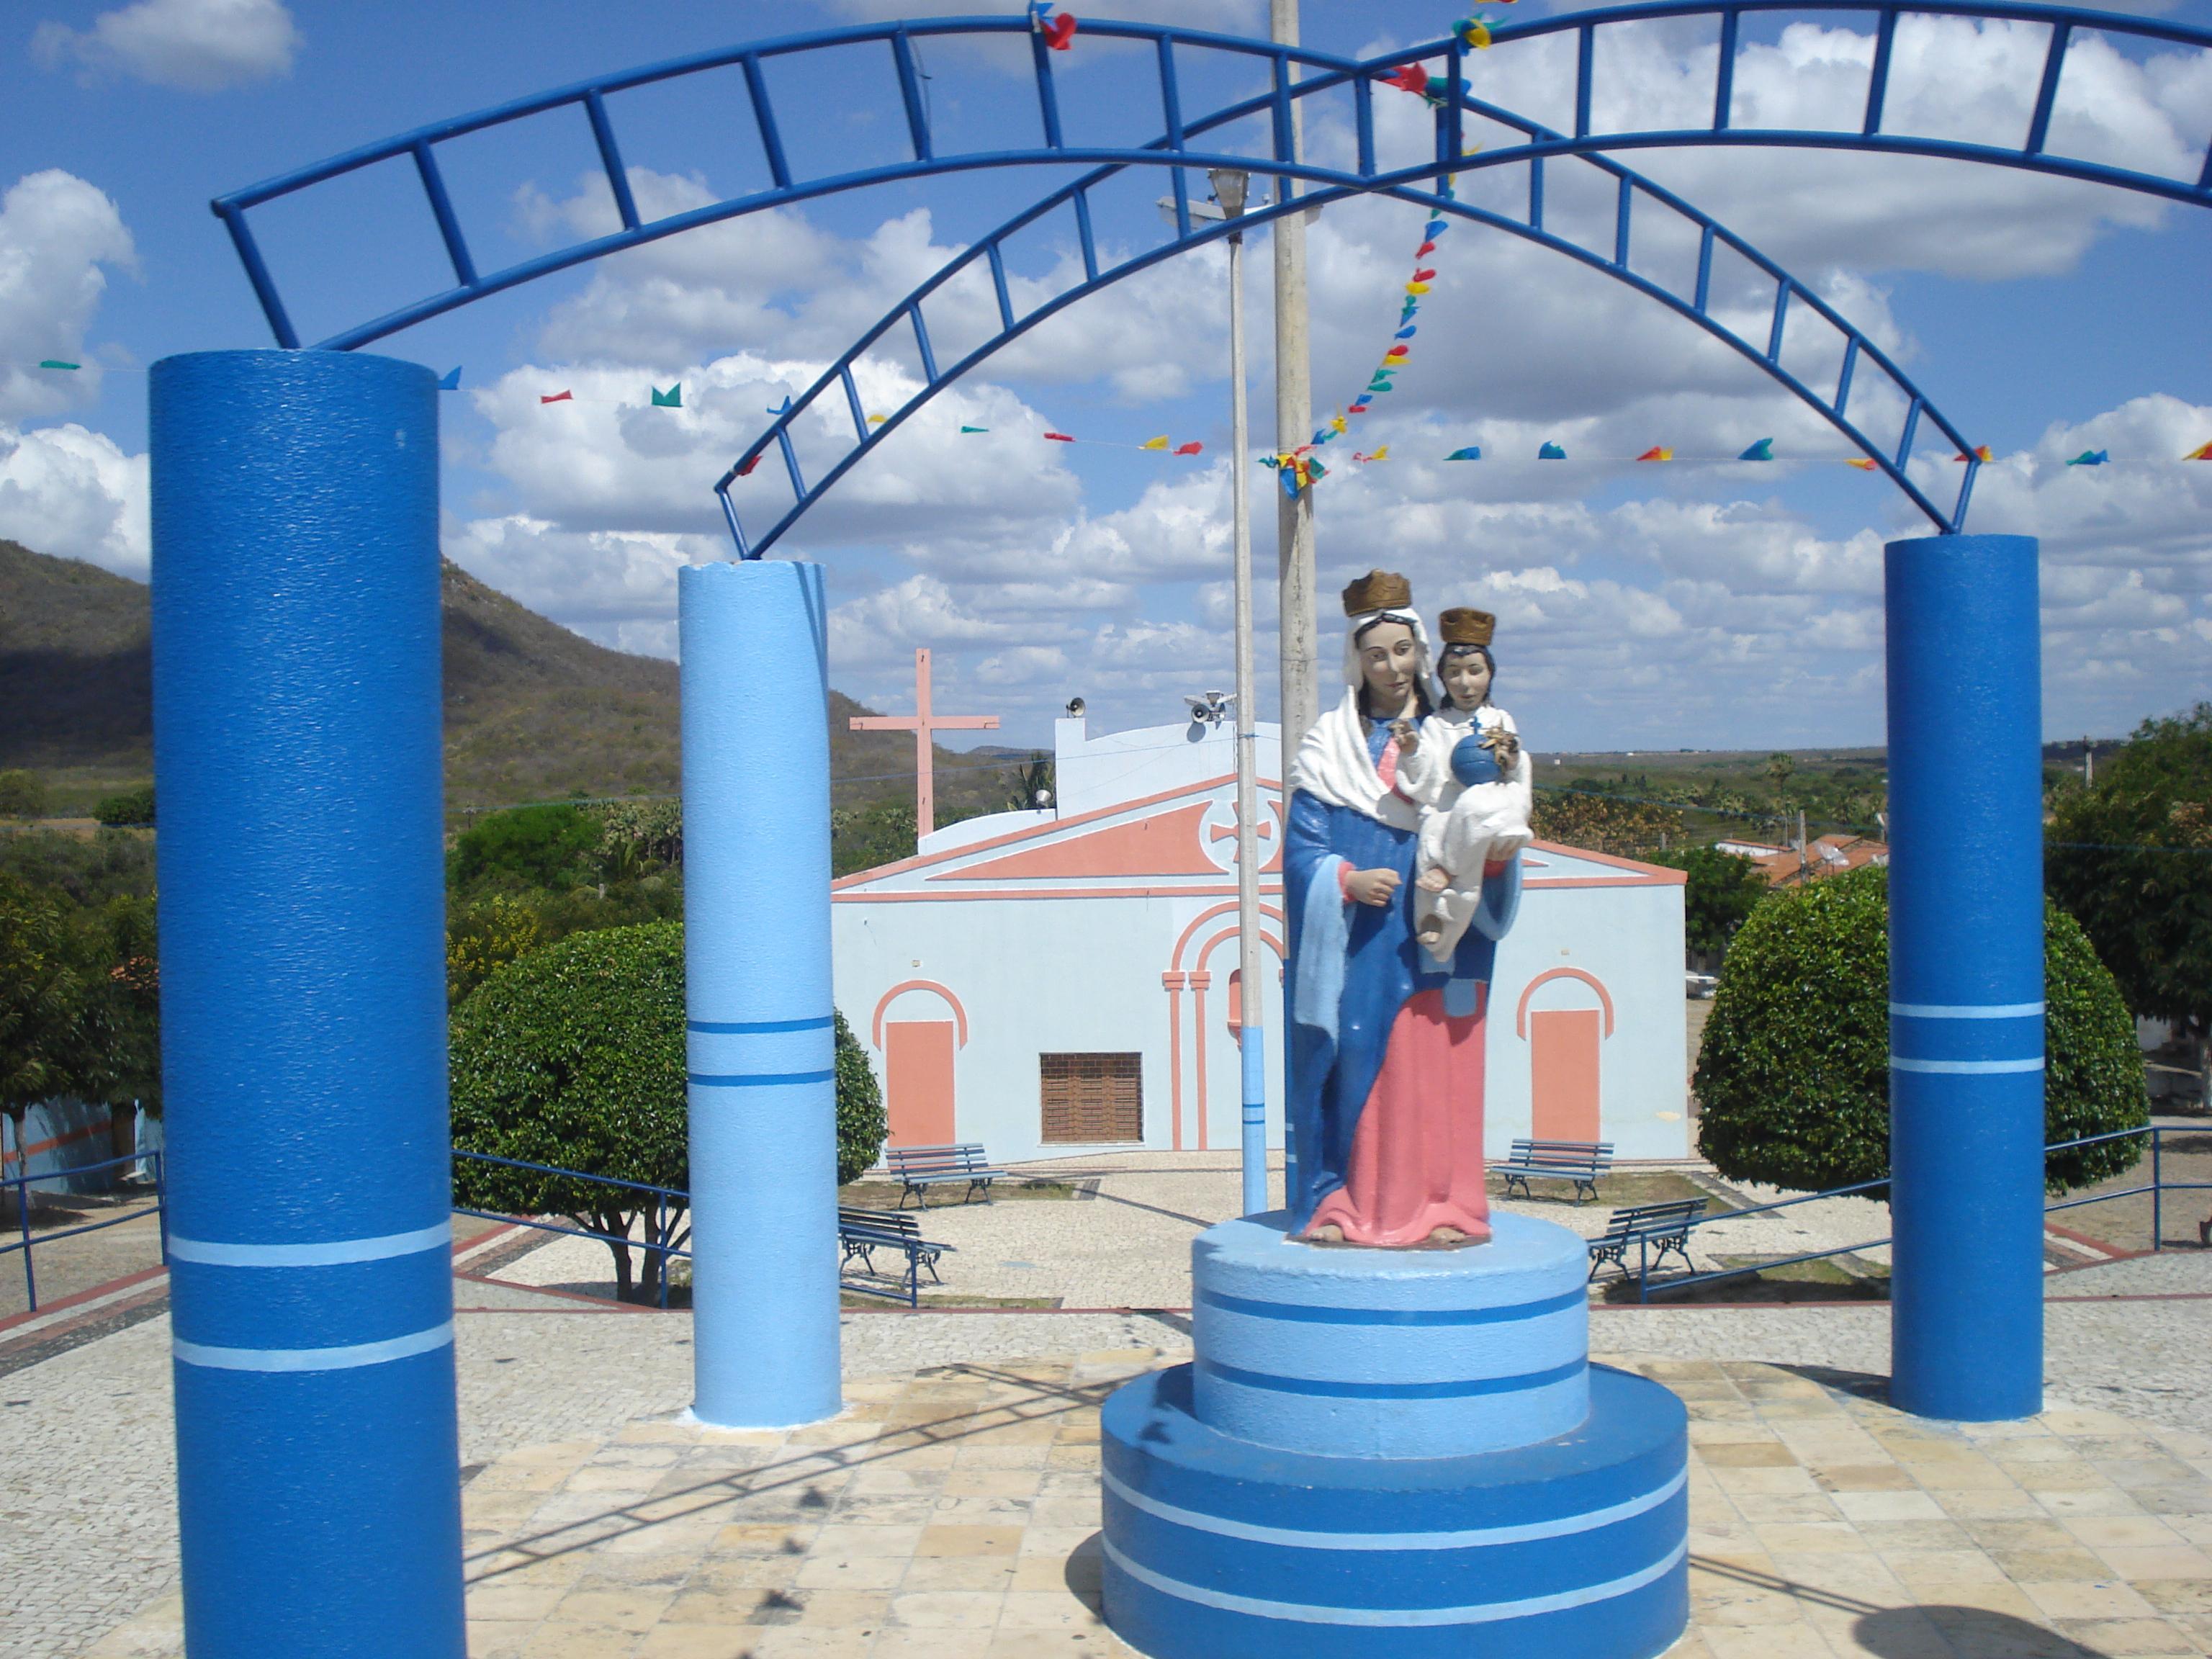 Ibaretama Ceará fonte: upload.wikimedia.org